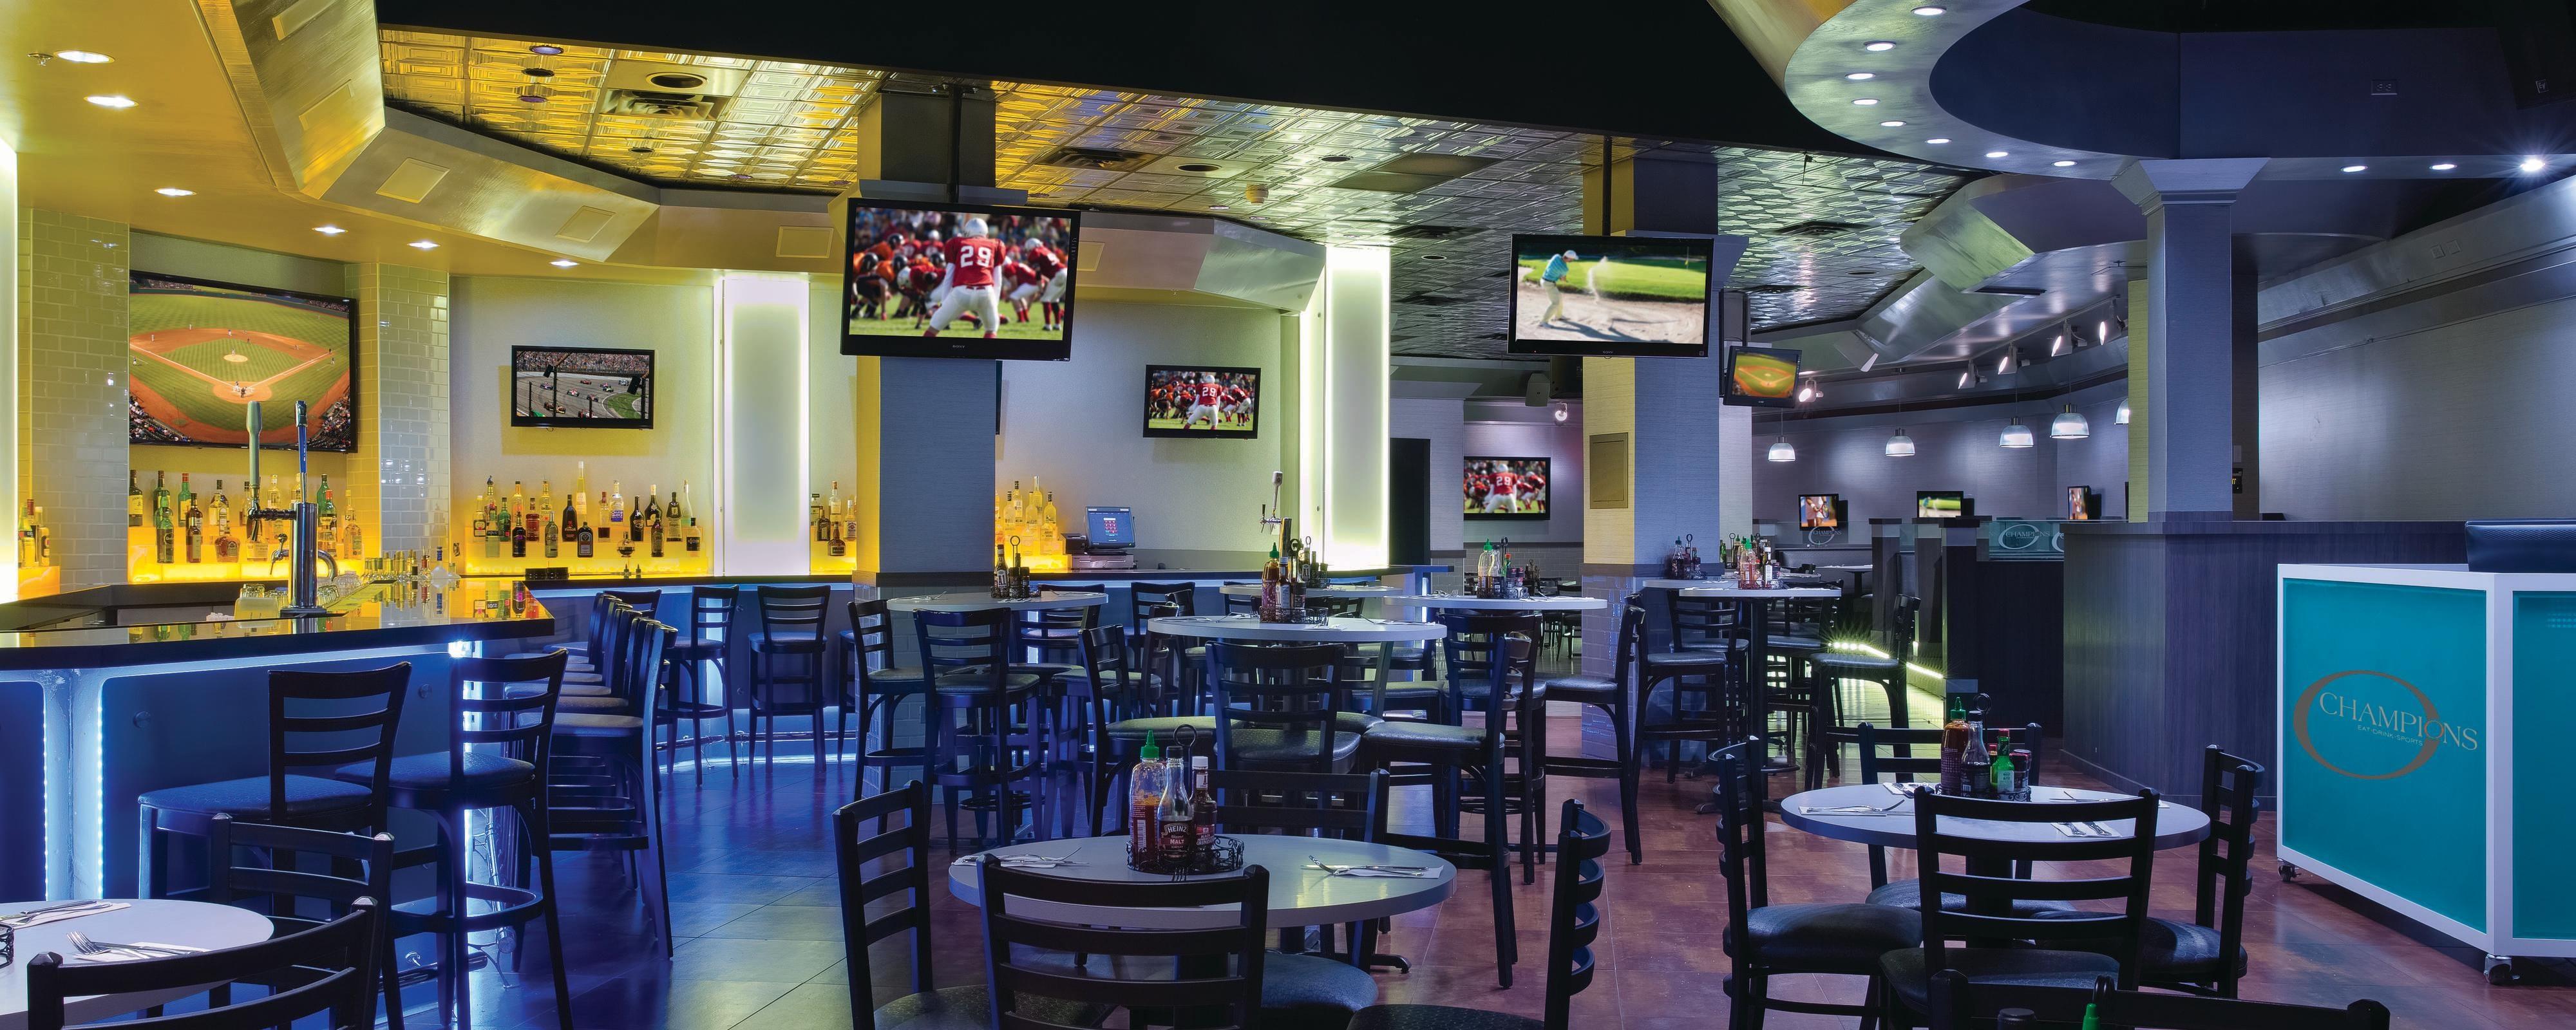 Aruba Sports Bar Beachfront Restaurants In Aruba